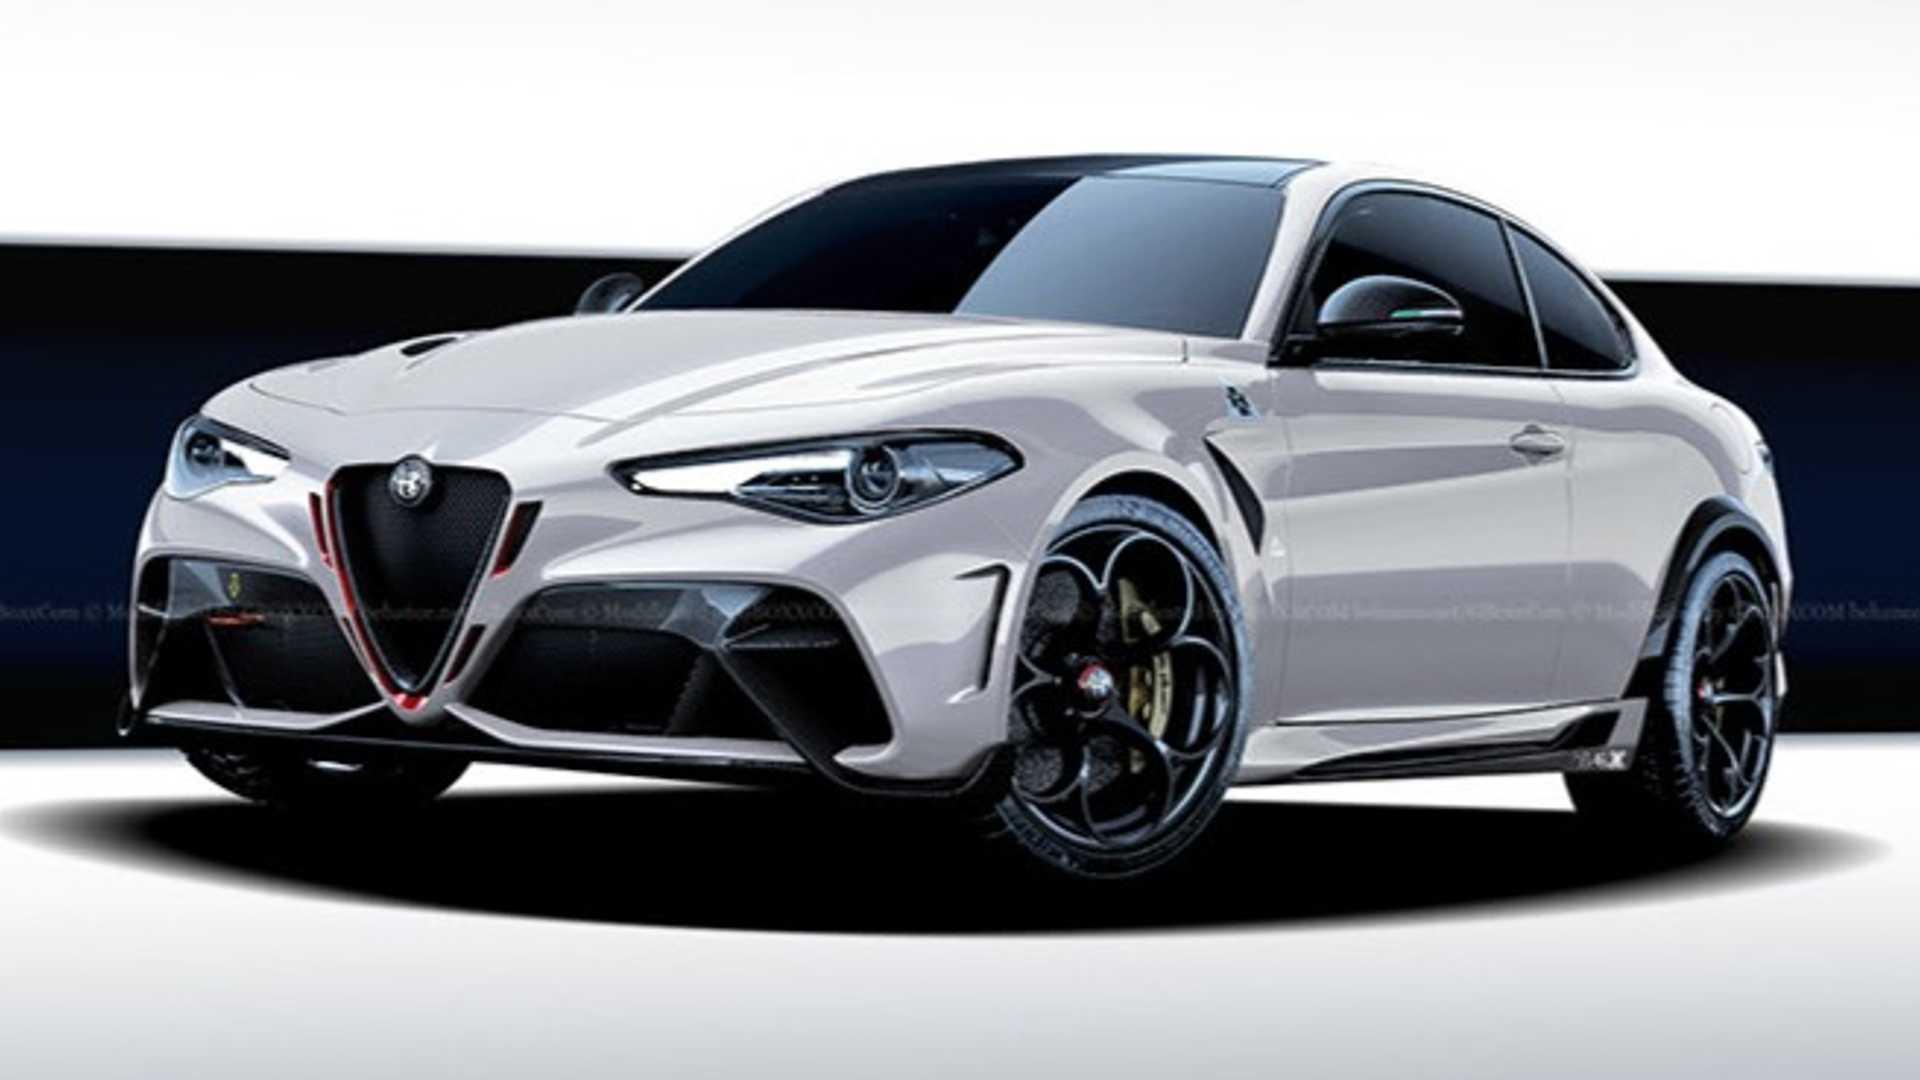 Giulia GTA Coupe Looks Like the Dream Car Alfa Romeo ...